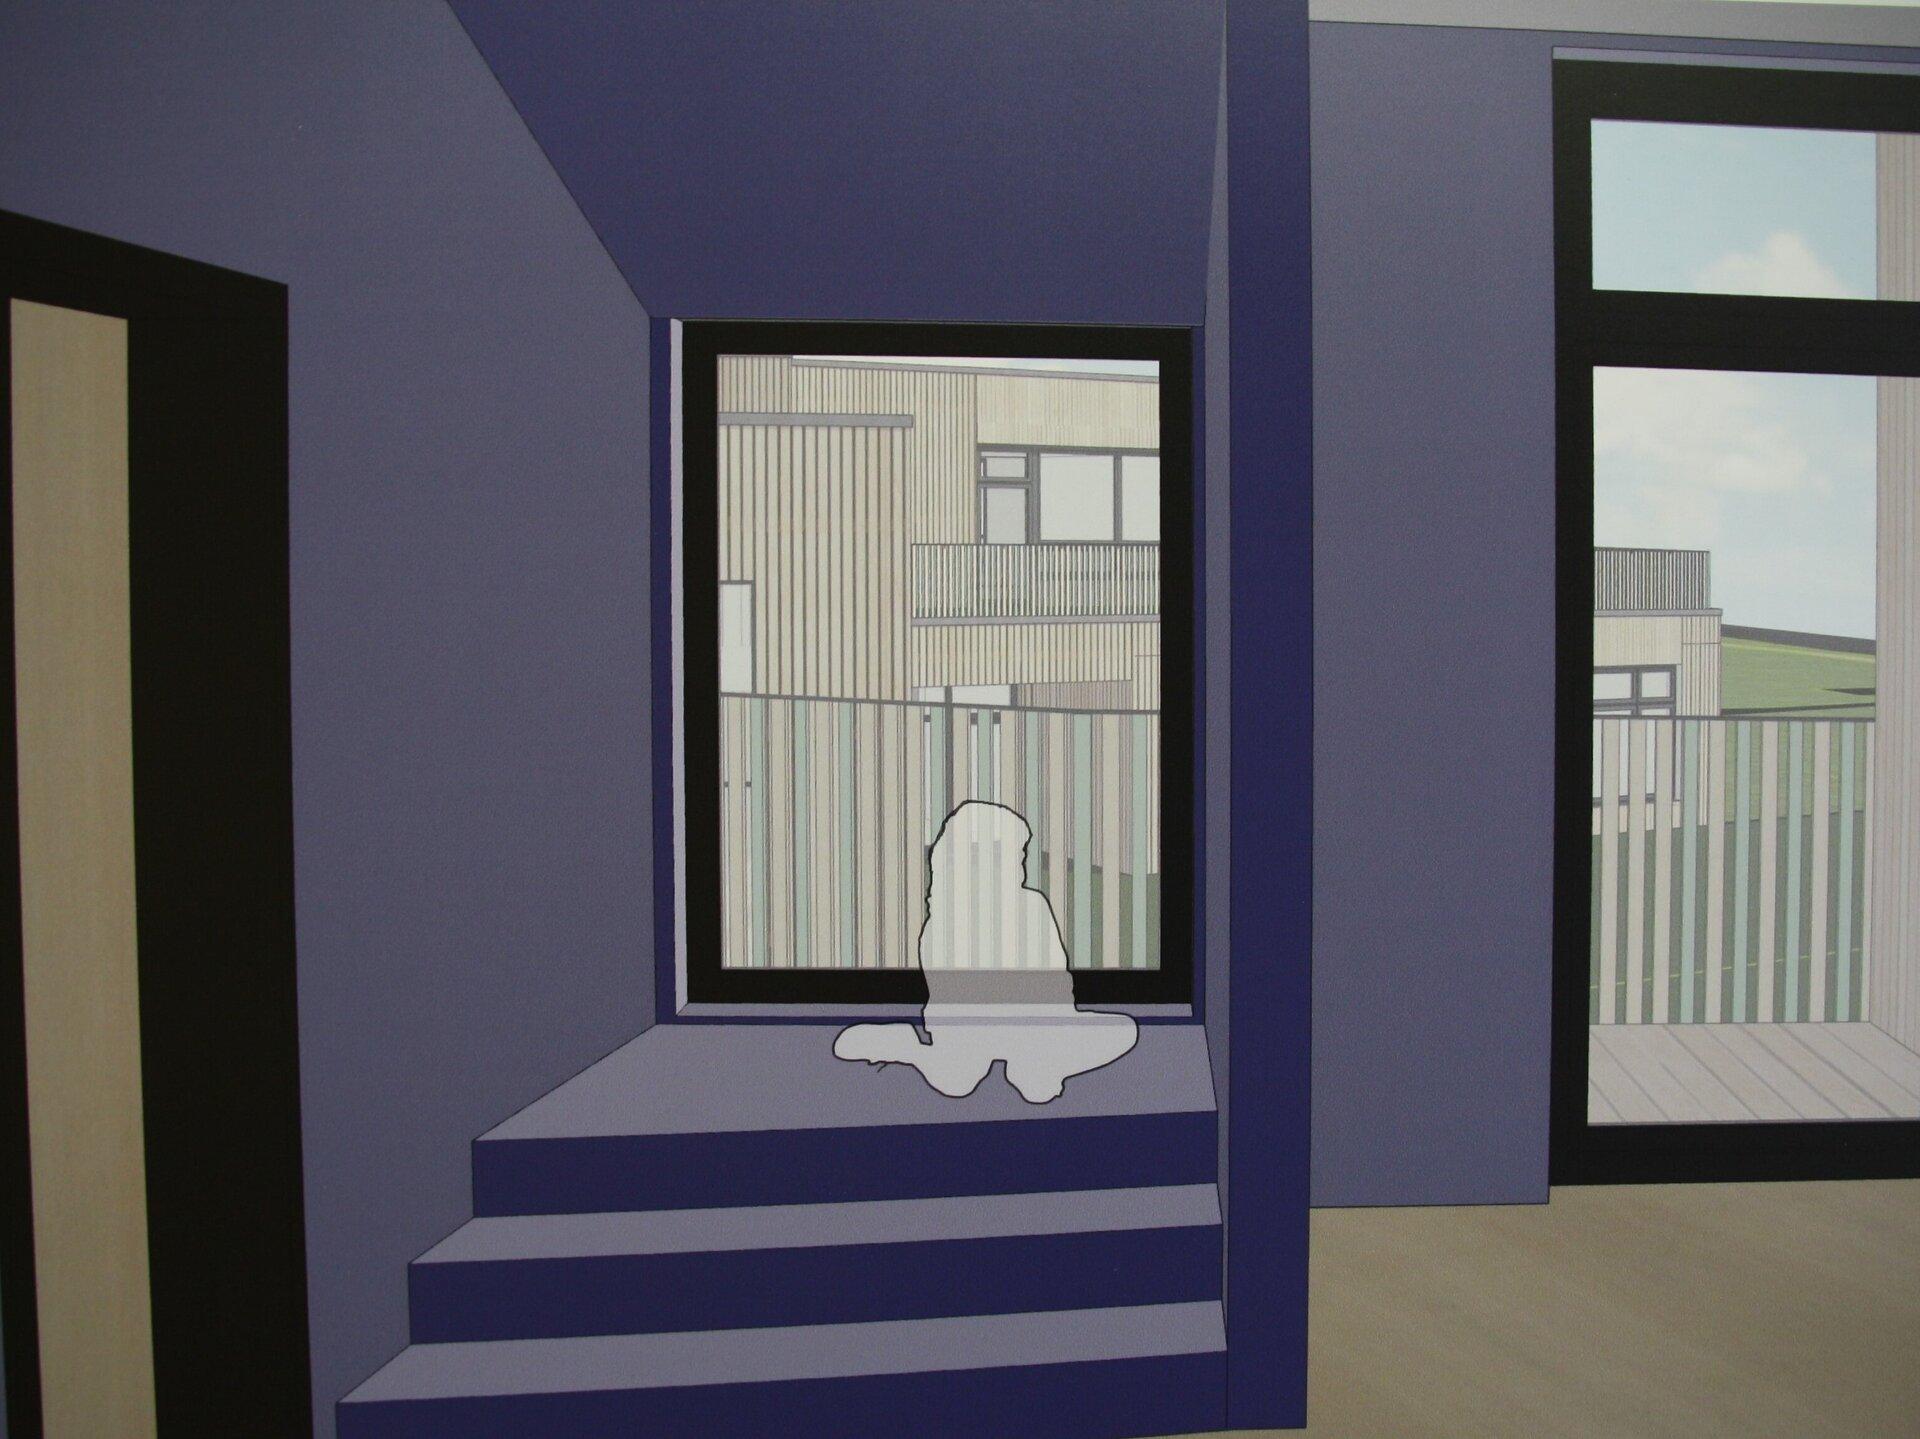 Kita: Hauptraum  Ü3 - Snoozlefenster